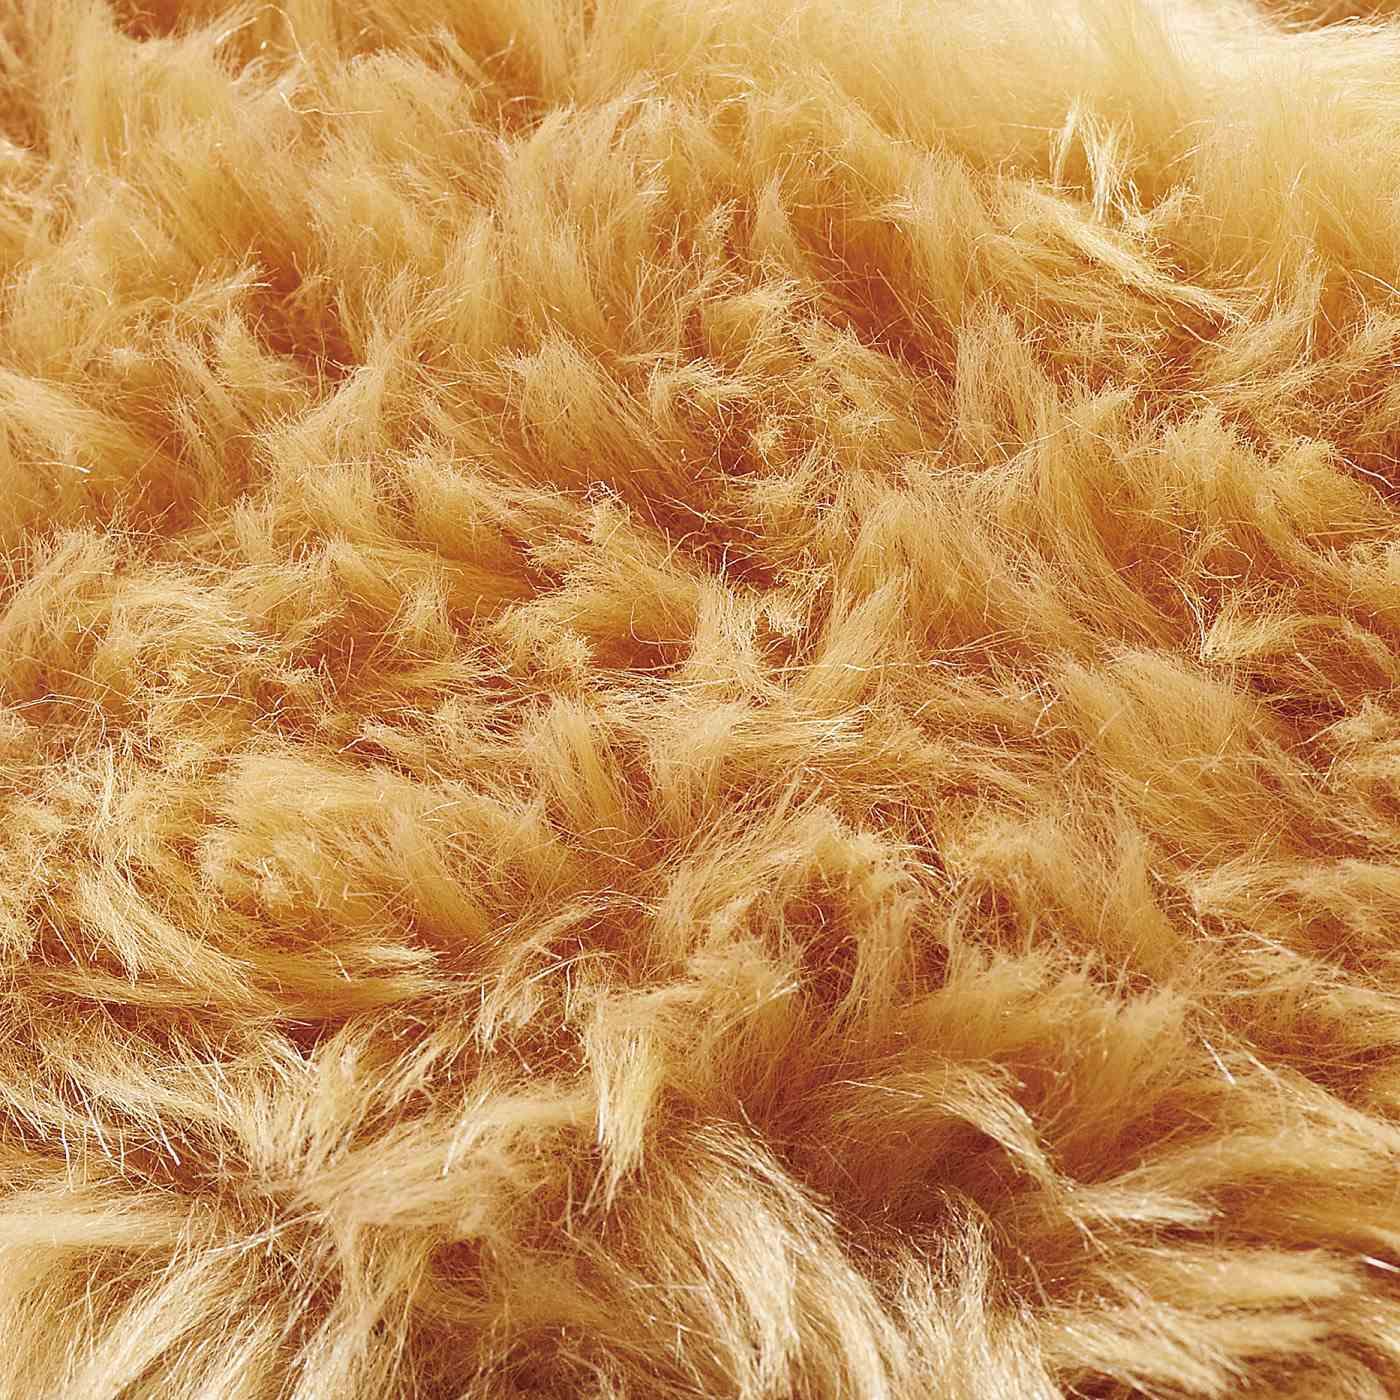 ふーちゃんの毛並をイメージしたやわらかなフェイクファー。